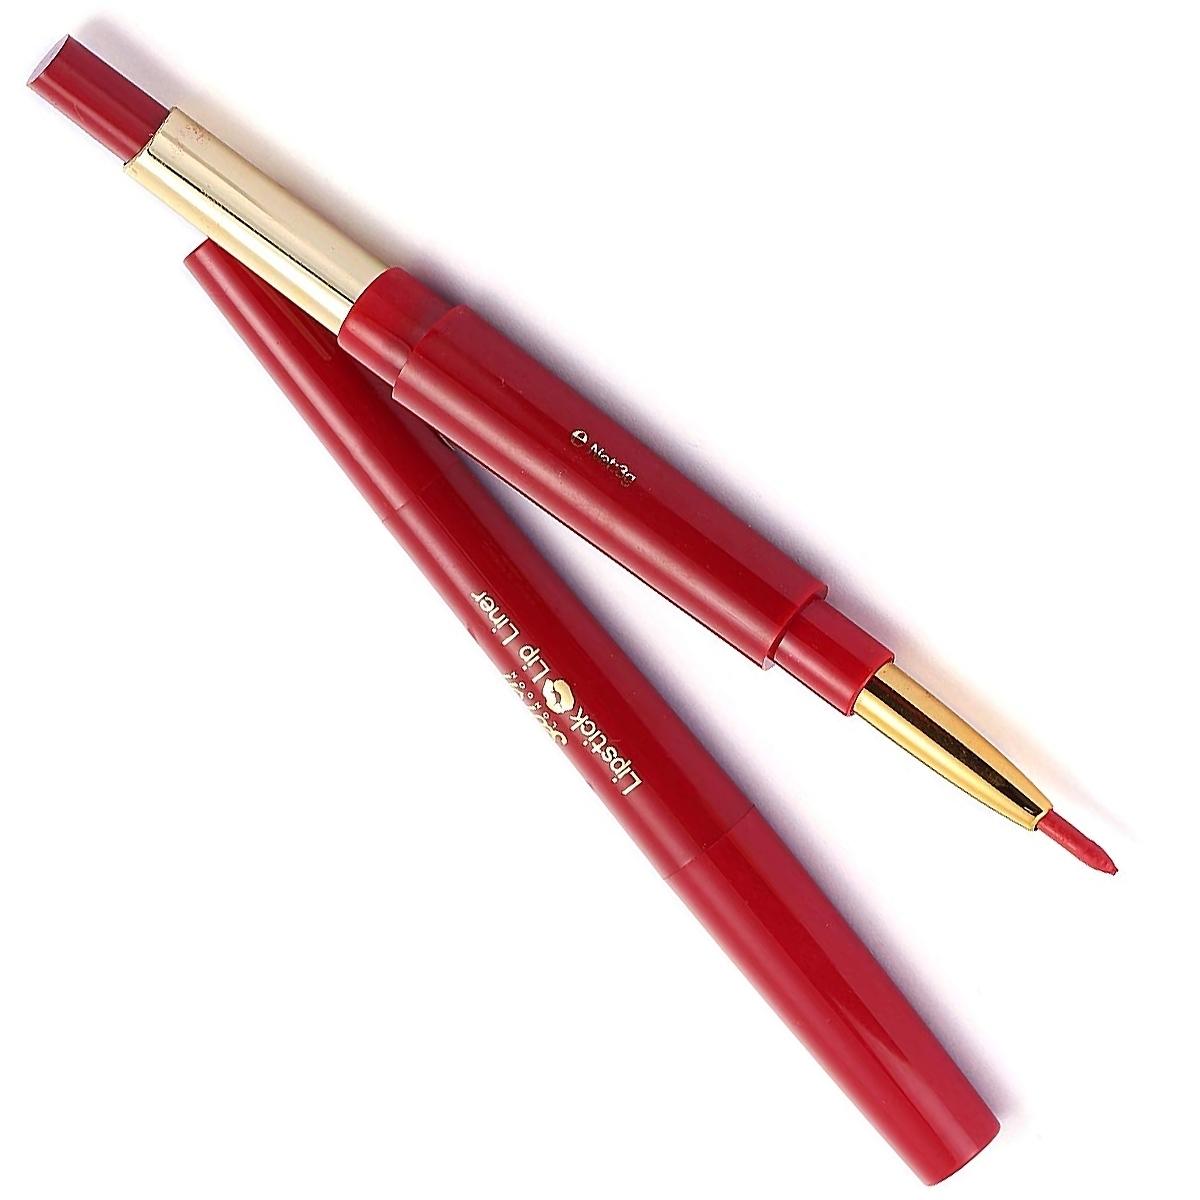 Saffron-London-Lipstick-amp-Lip-Liner-Twist-Up-Creamy-Duo-Makeup-Multi-Colour thumbnail 9